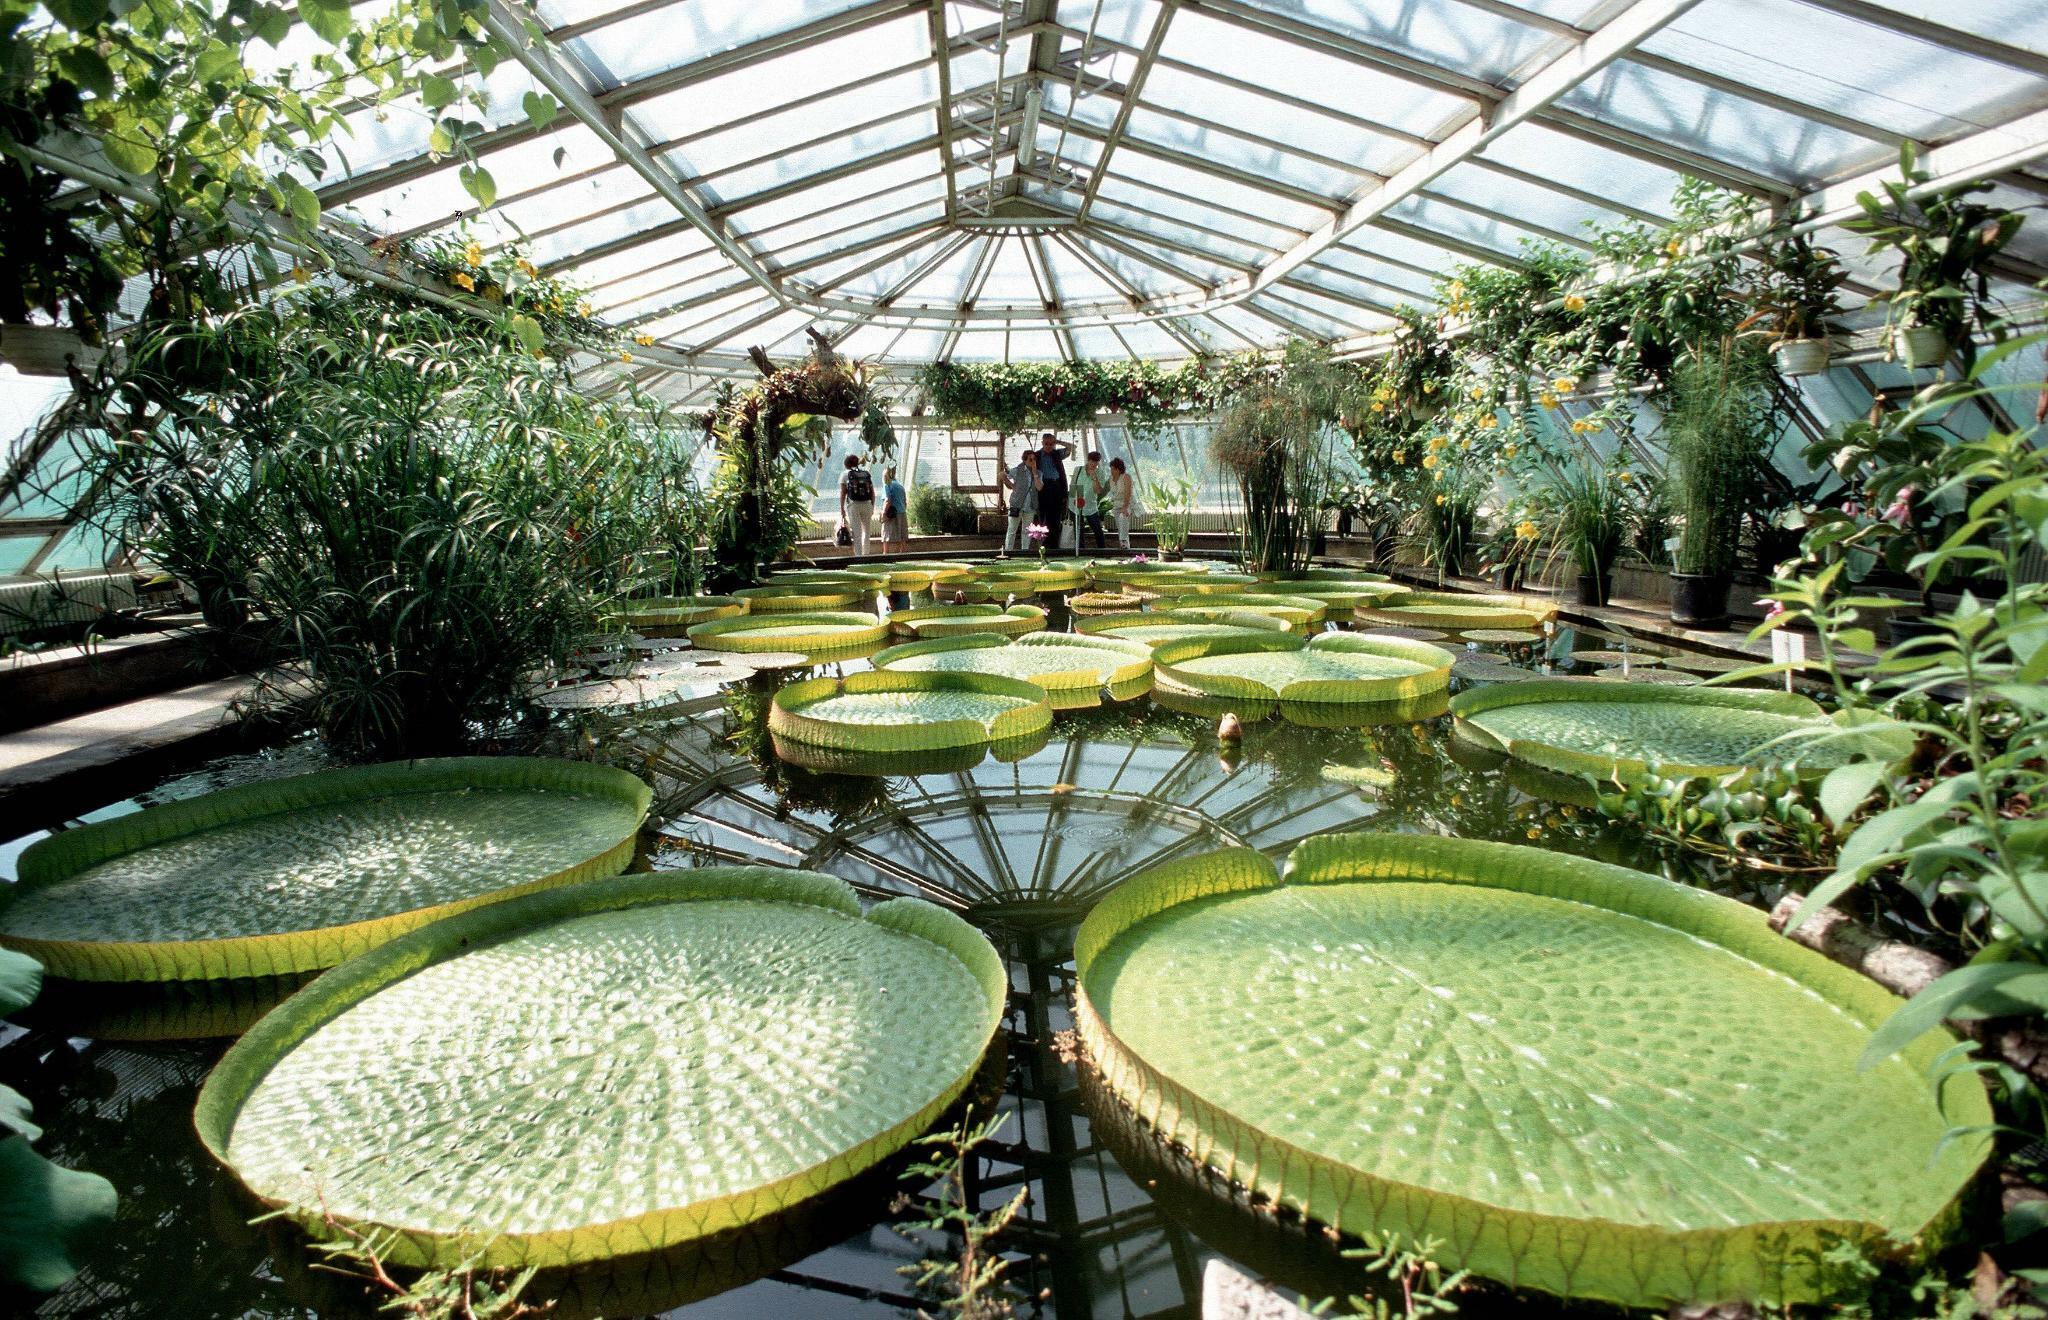 Garten Berlin  Berlin Der Botanische Garten droht finanziell